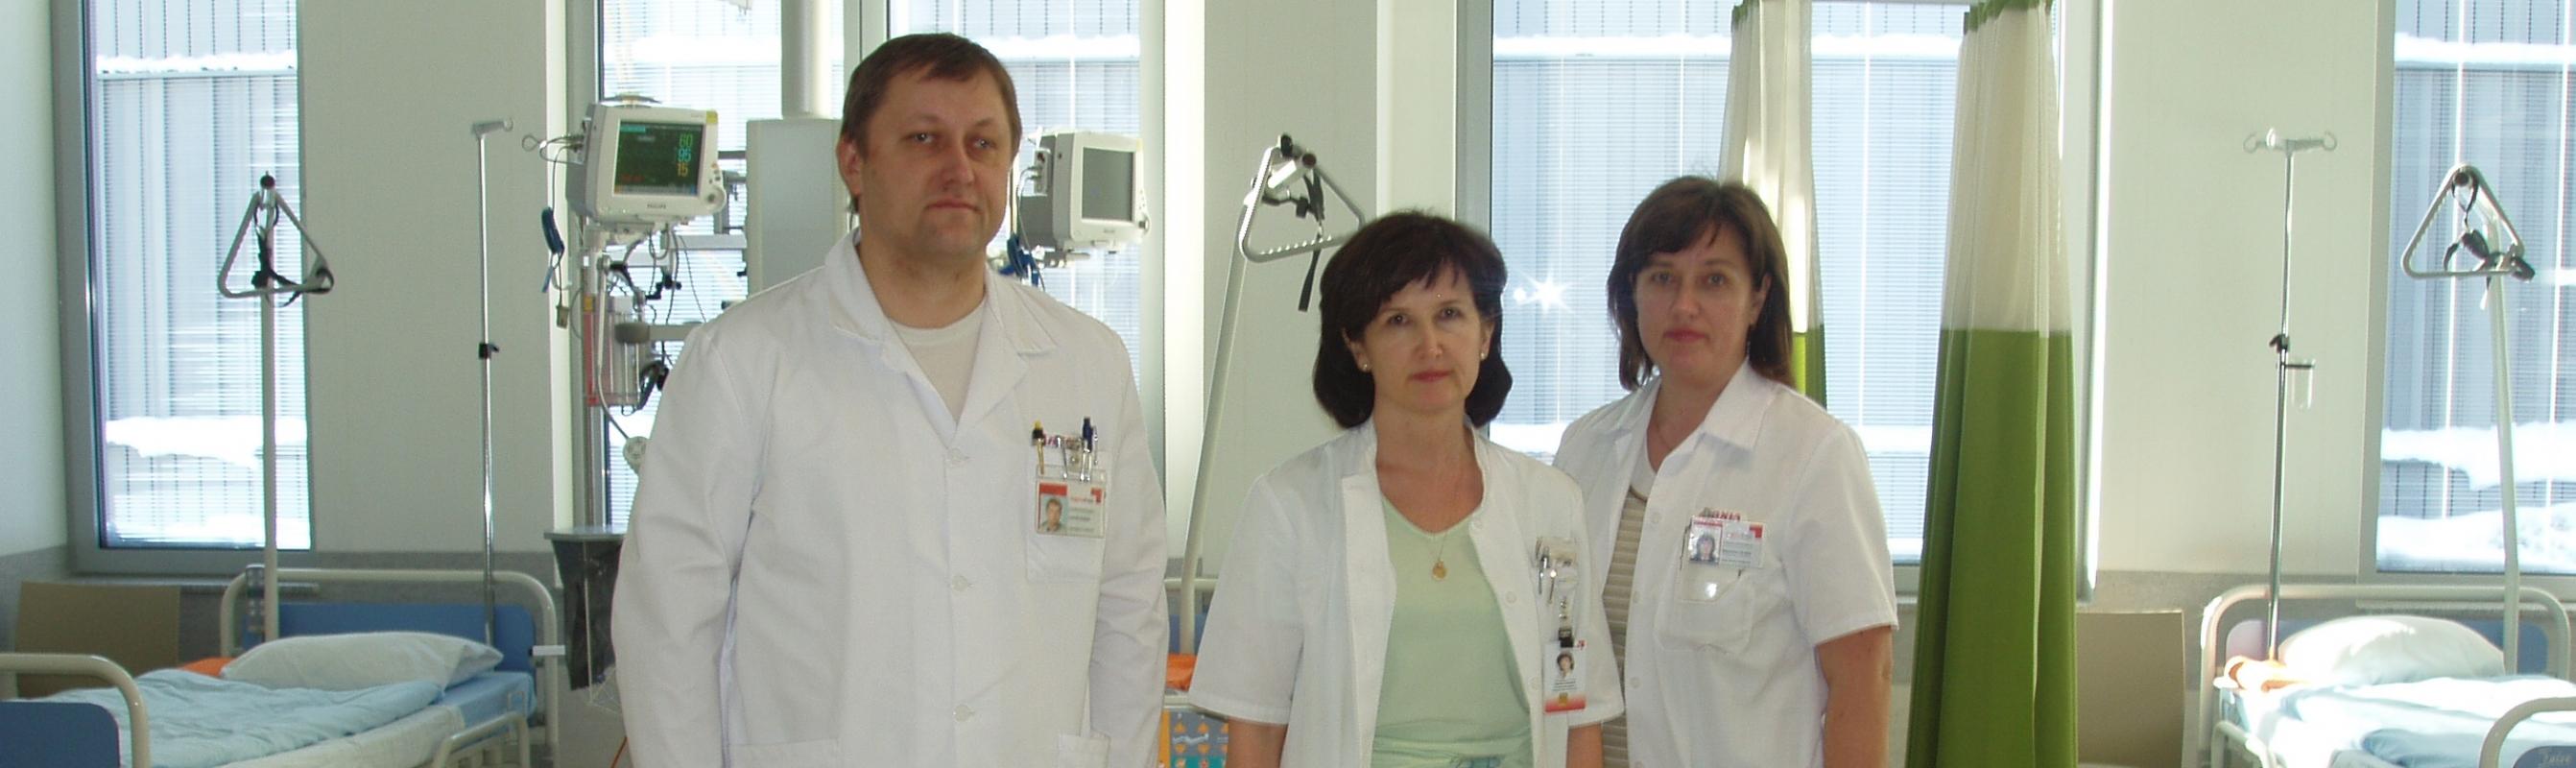 Sisehaiguste arstid dr Leonid Raidjuk, dr Marika Paumets, dr Marianne Laheäär